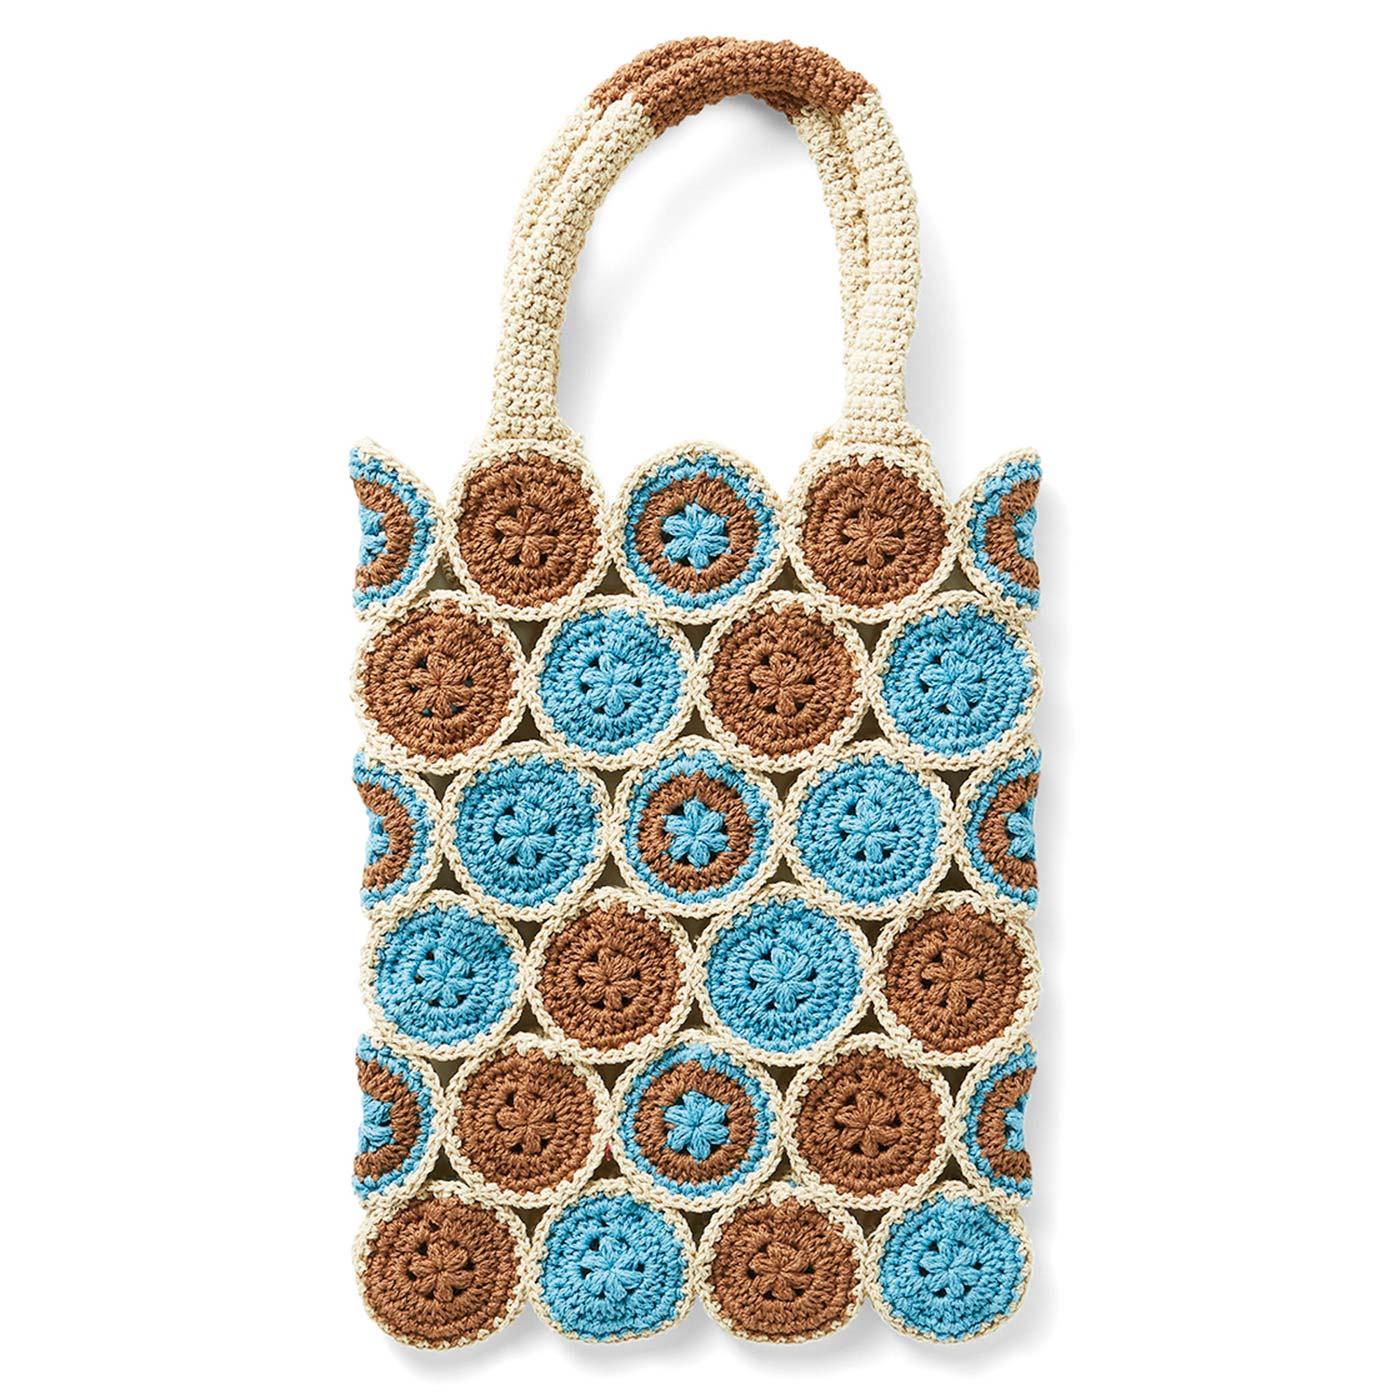 ブルーが映えるモチーフつなぎの縦長バッグ 縦約28cm、横約21cm ※すべて持ち手を含まないサイズです。